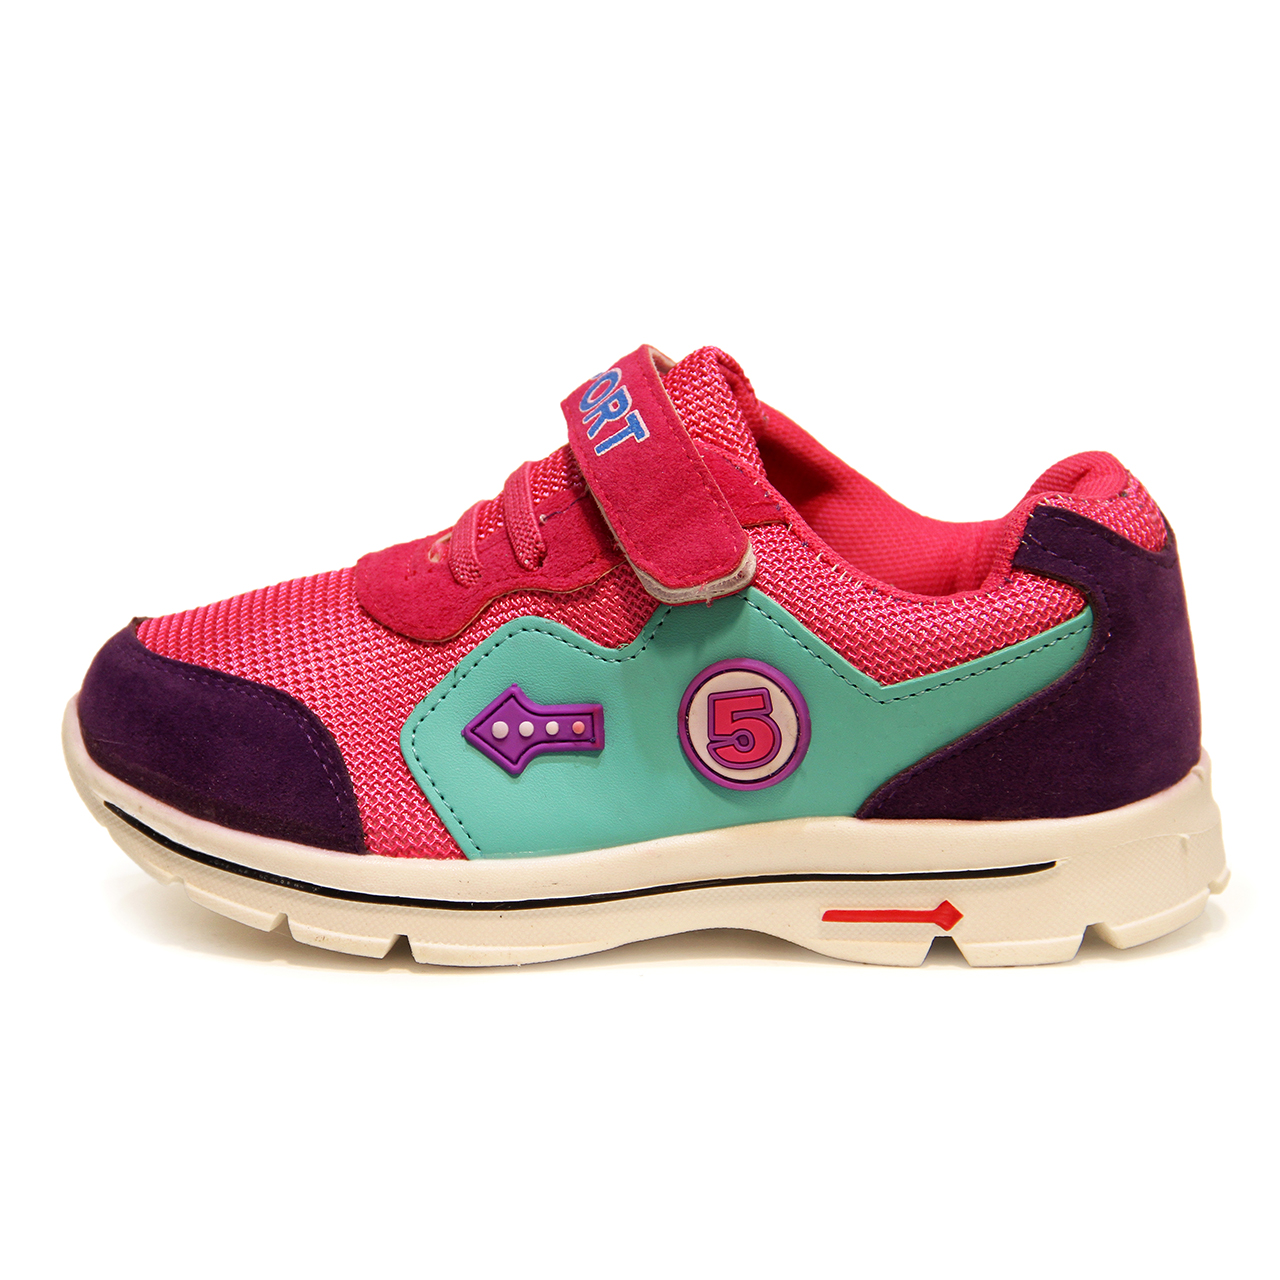 کفش مخصوص پیاده روی دخترانه اسپرت کد 278